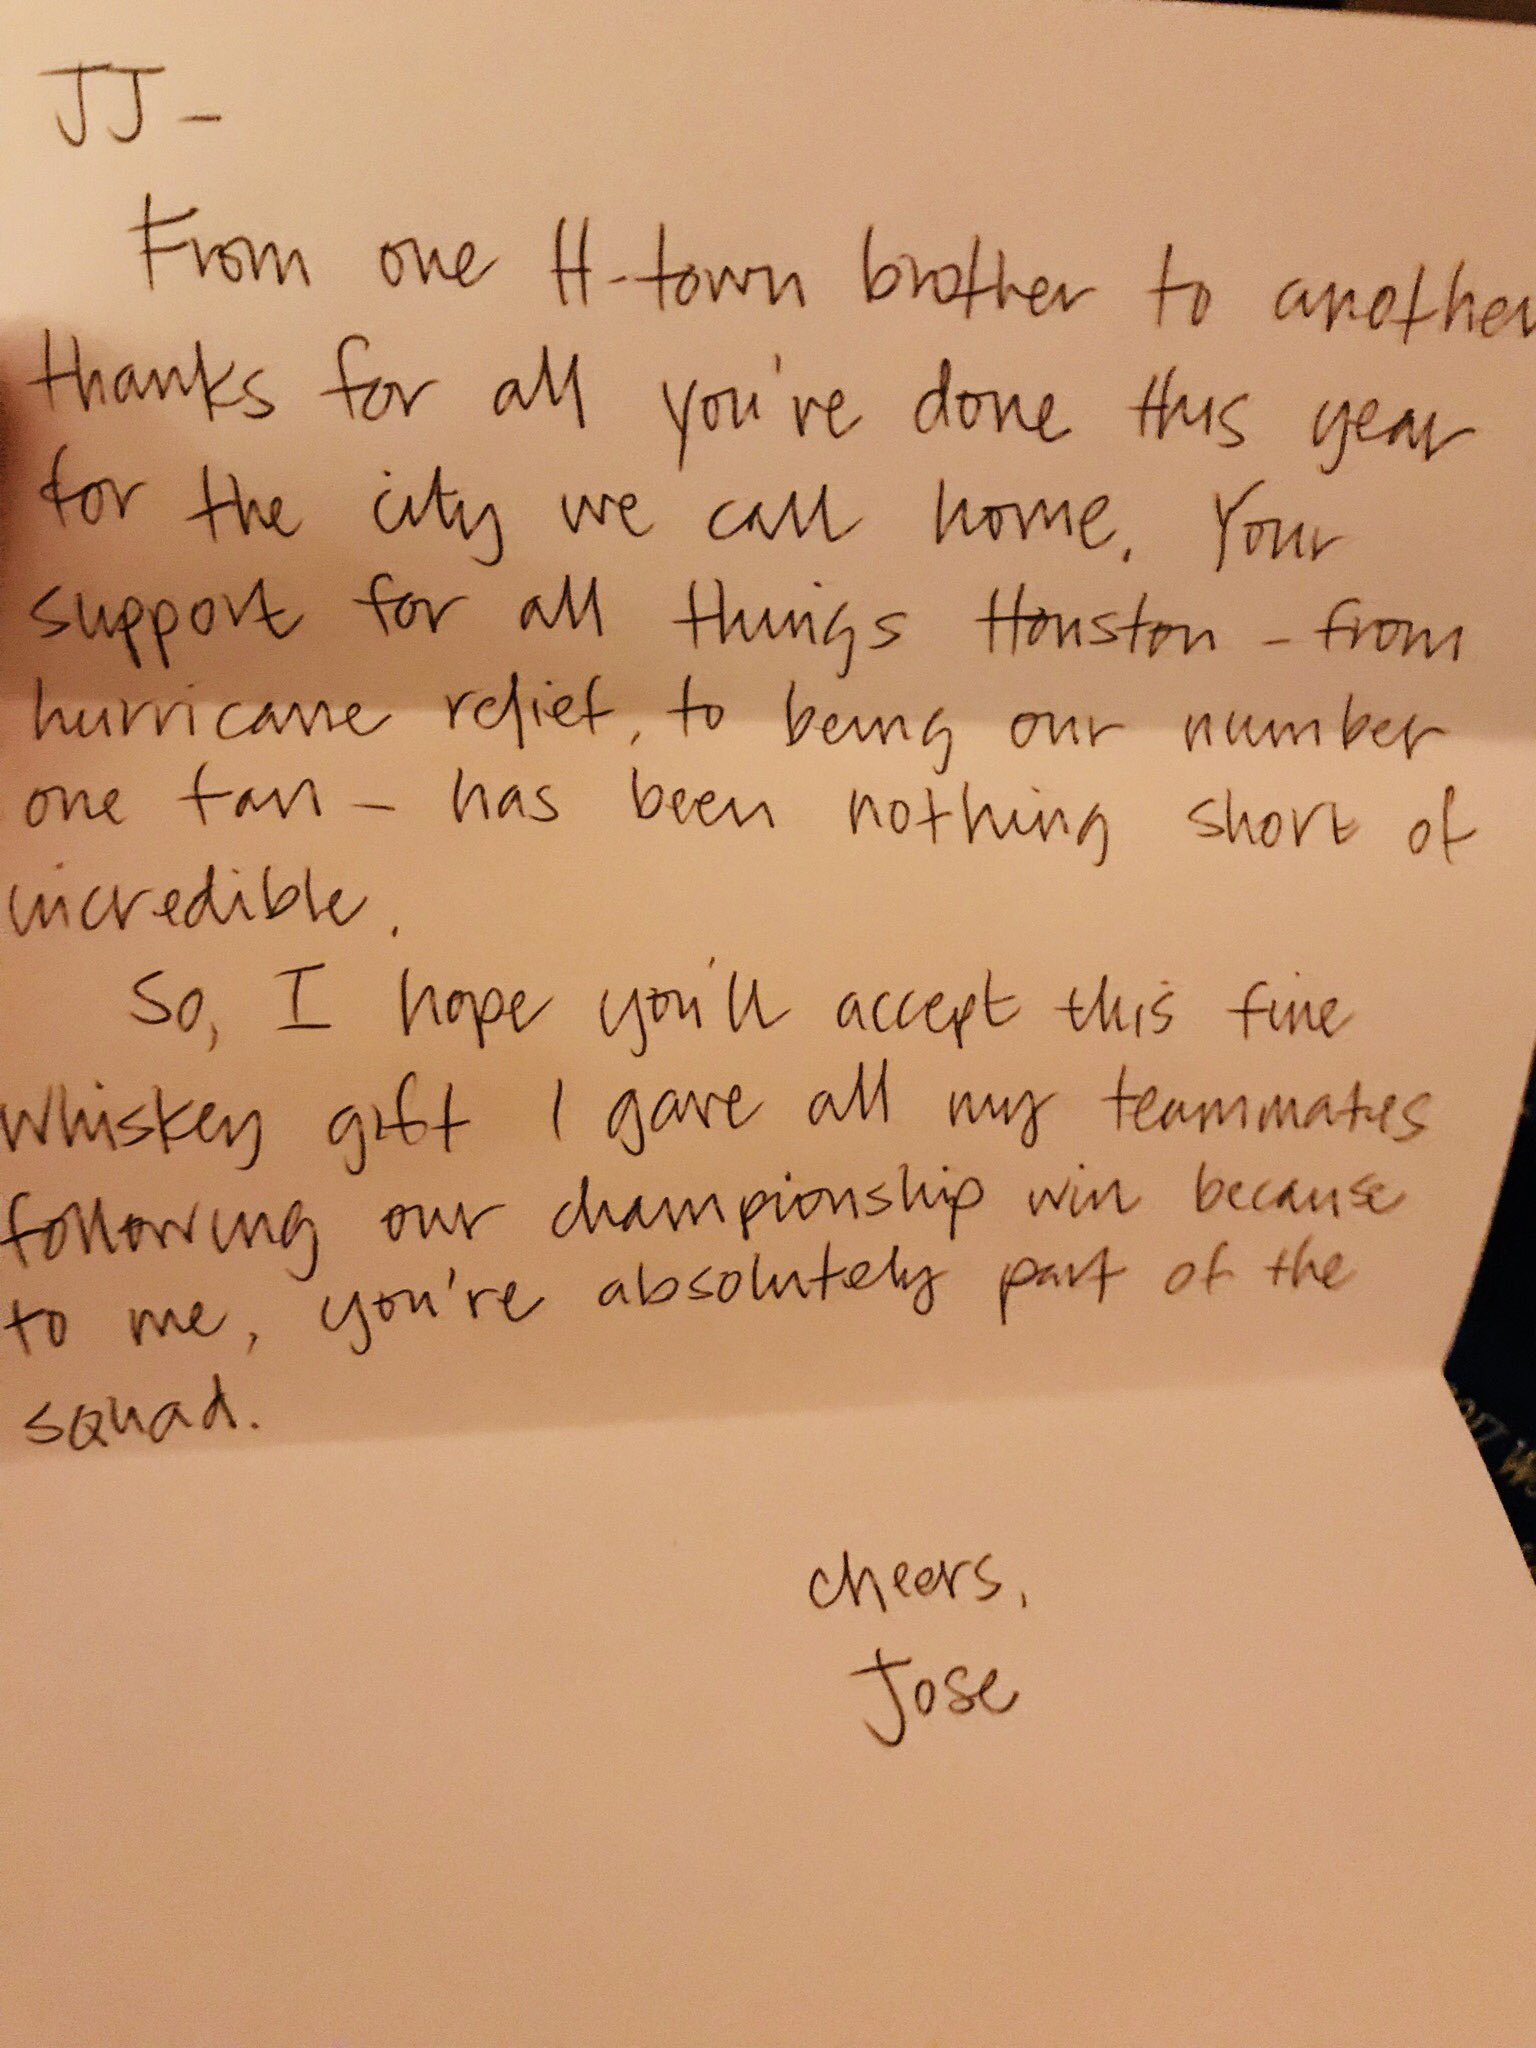 Much love @JoseAltuve27!!!  #MVP https://t.co/uEa1tLd1Ux